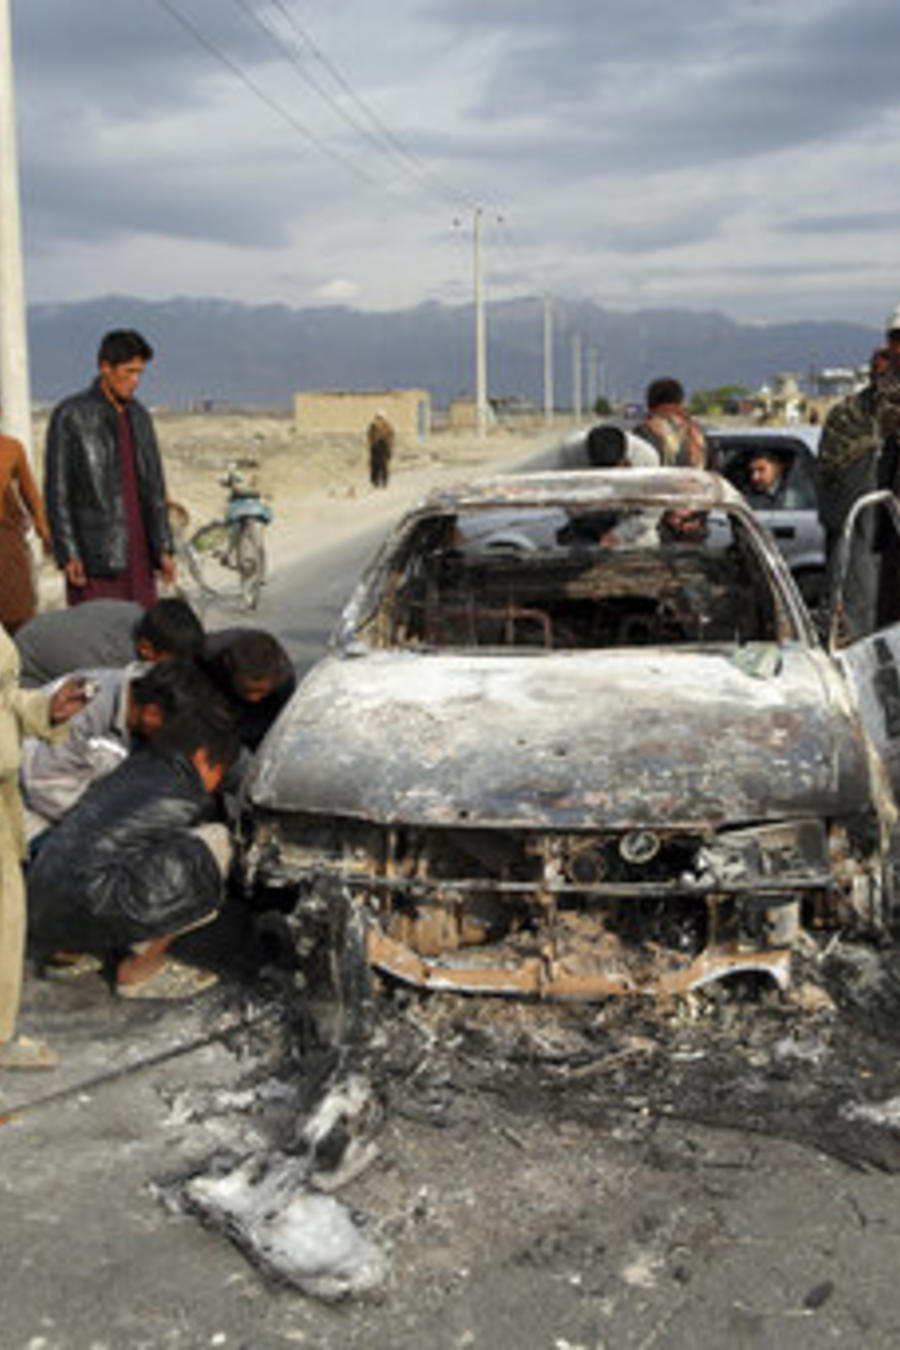 Afganos observan un vehículo civil quemado después de ser disparado por las fuerzas estadounidenses después de un ataque cerca de la base aérea de Bagram, al norte de Kabul, Afganistán, el martes 9 de abril de 2019. (AP/Rahmat Gul)